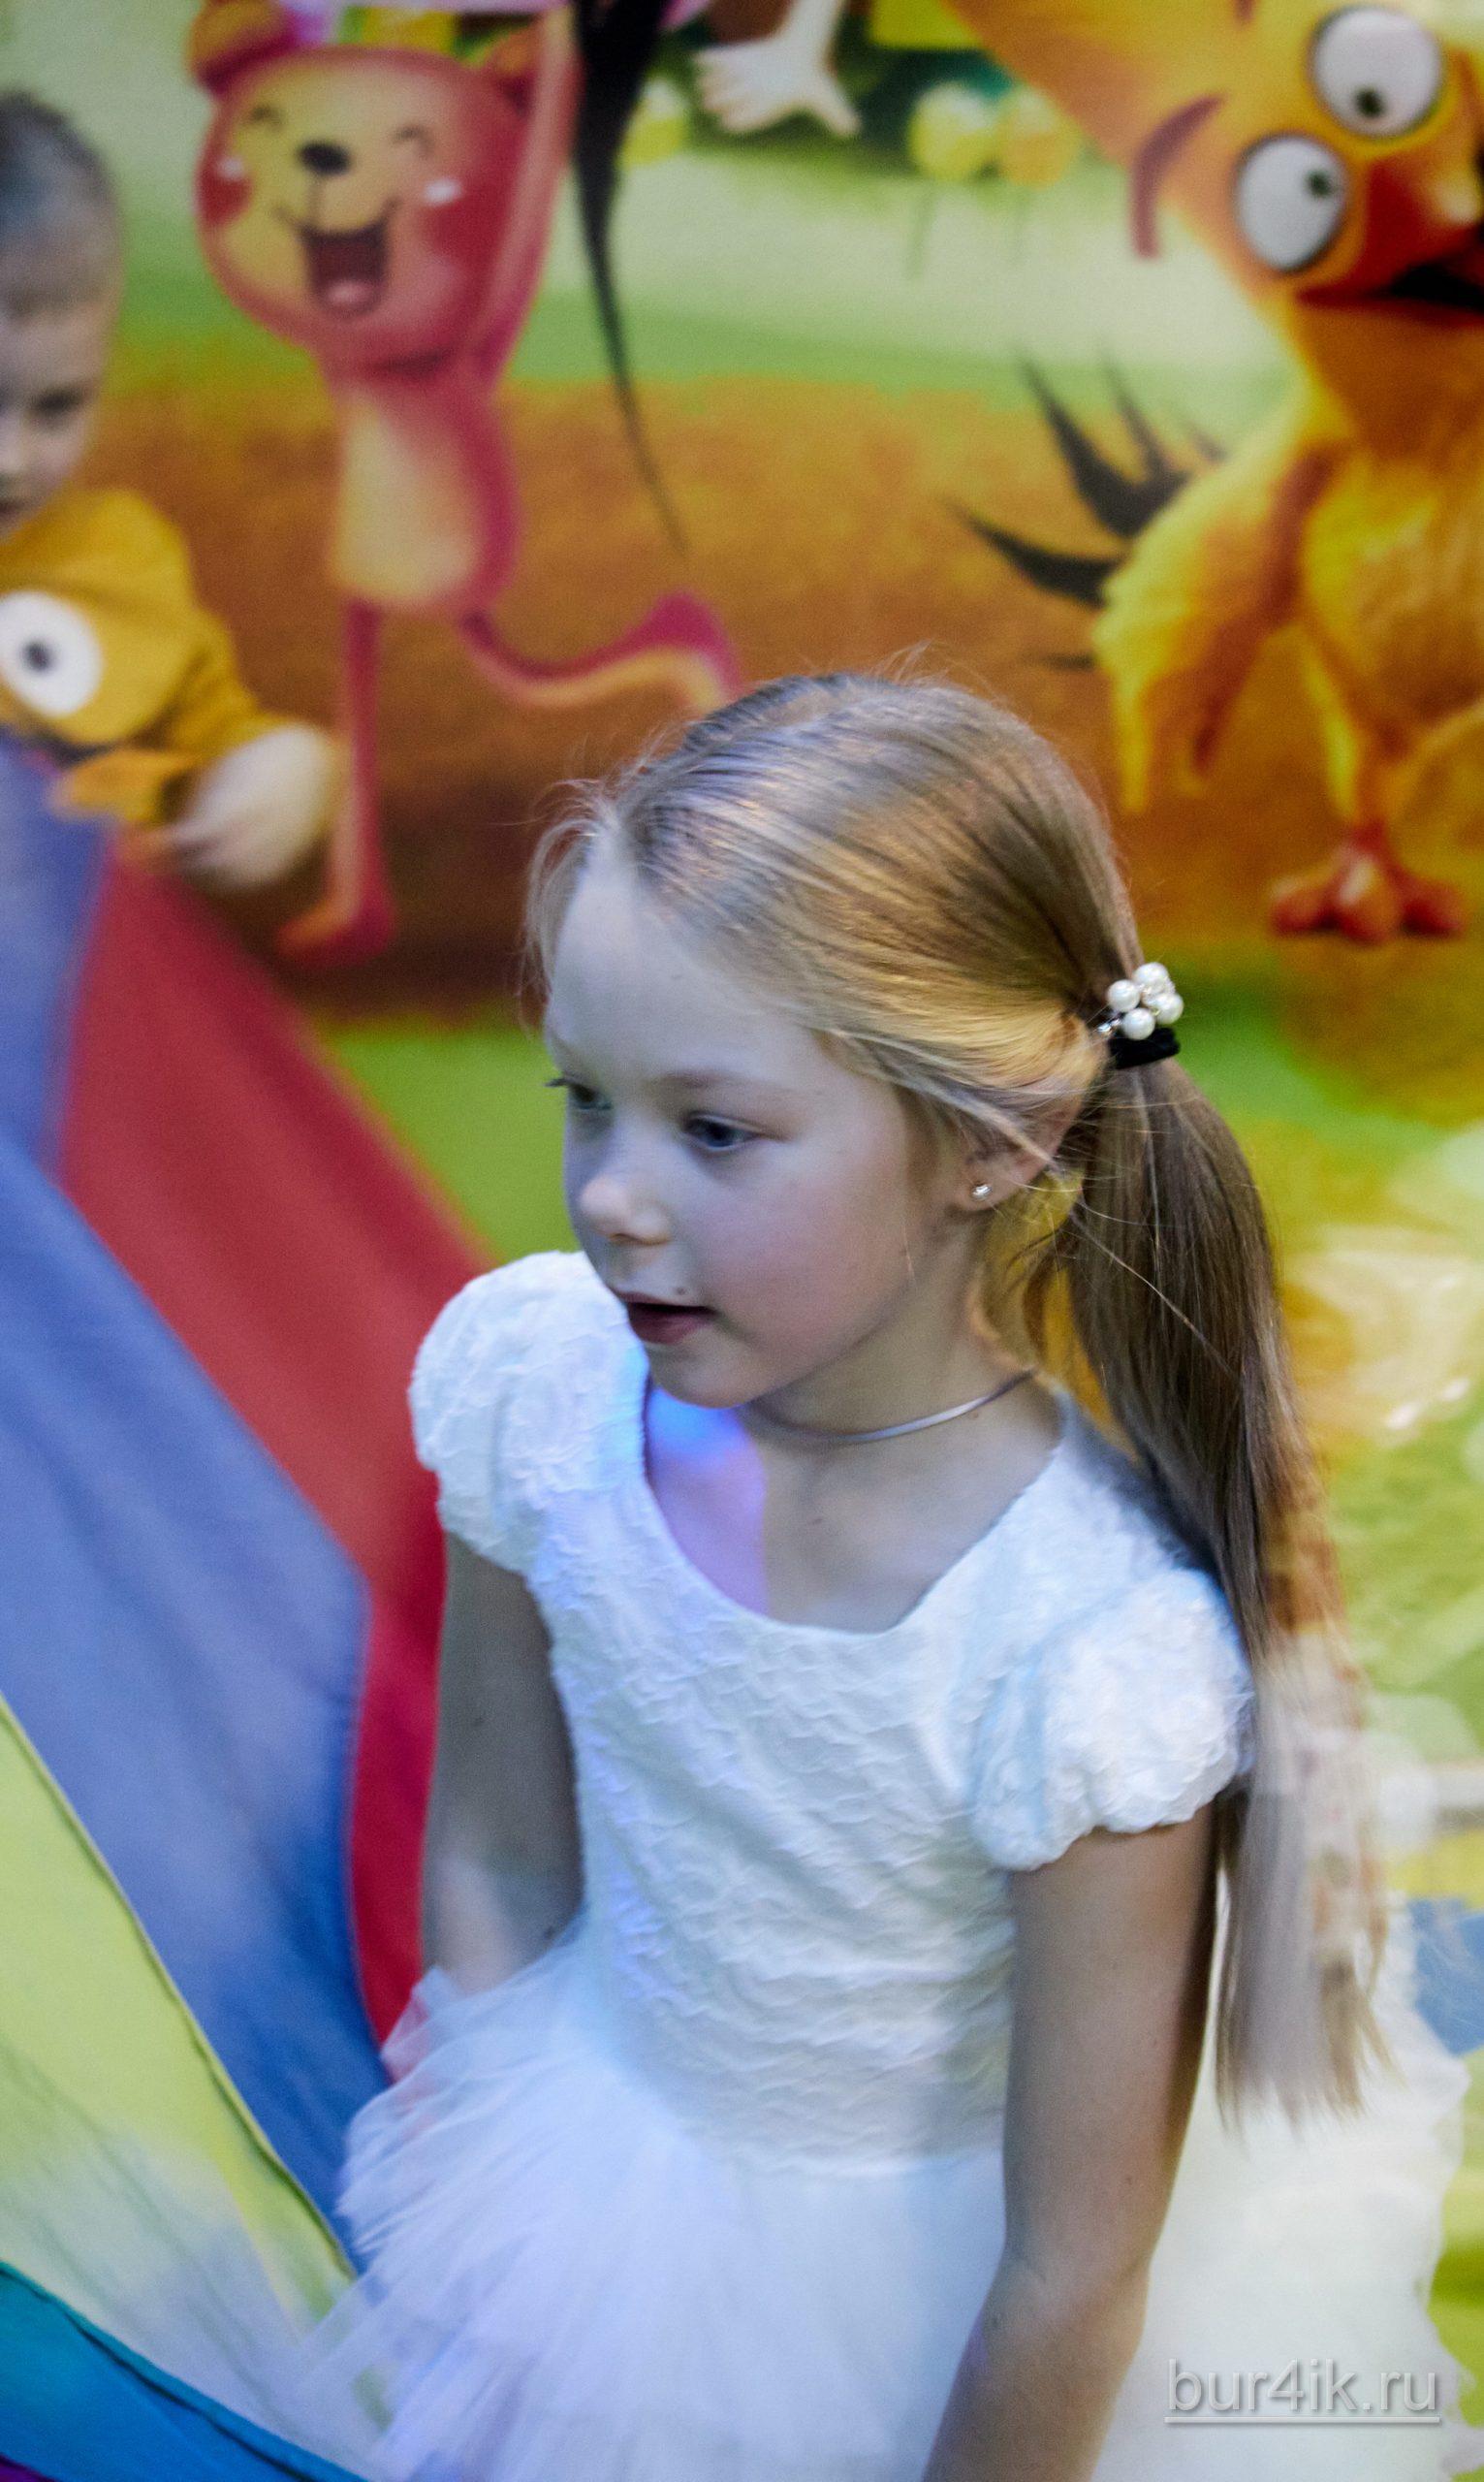 Фото Детское День Рождения в Детский Дворик 15.01.2020 №219 -photo- bur4ik.ru